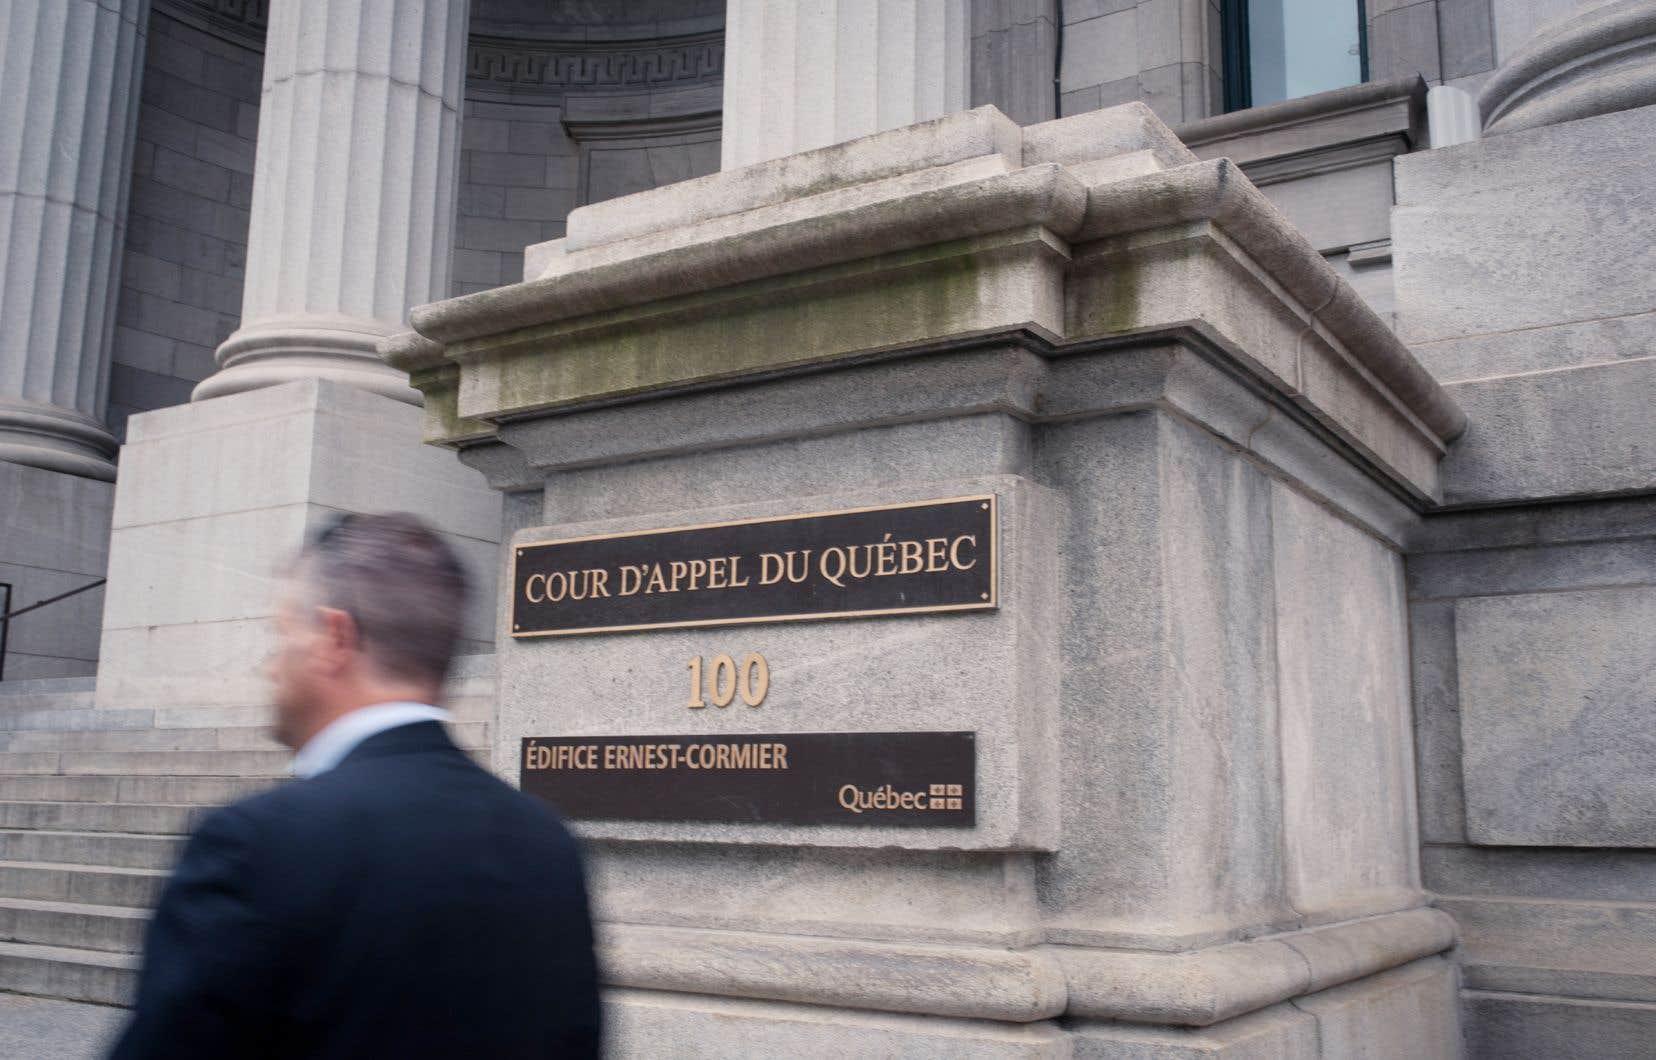 La contestation de la loi est présentement en délibéré devant trois juges de la Cour d'appel, dont MmeDuval Hesler, qui doivent rendre leur décision prochainement.